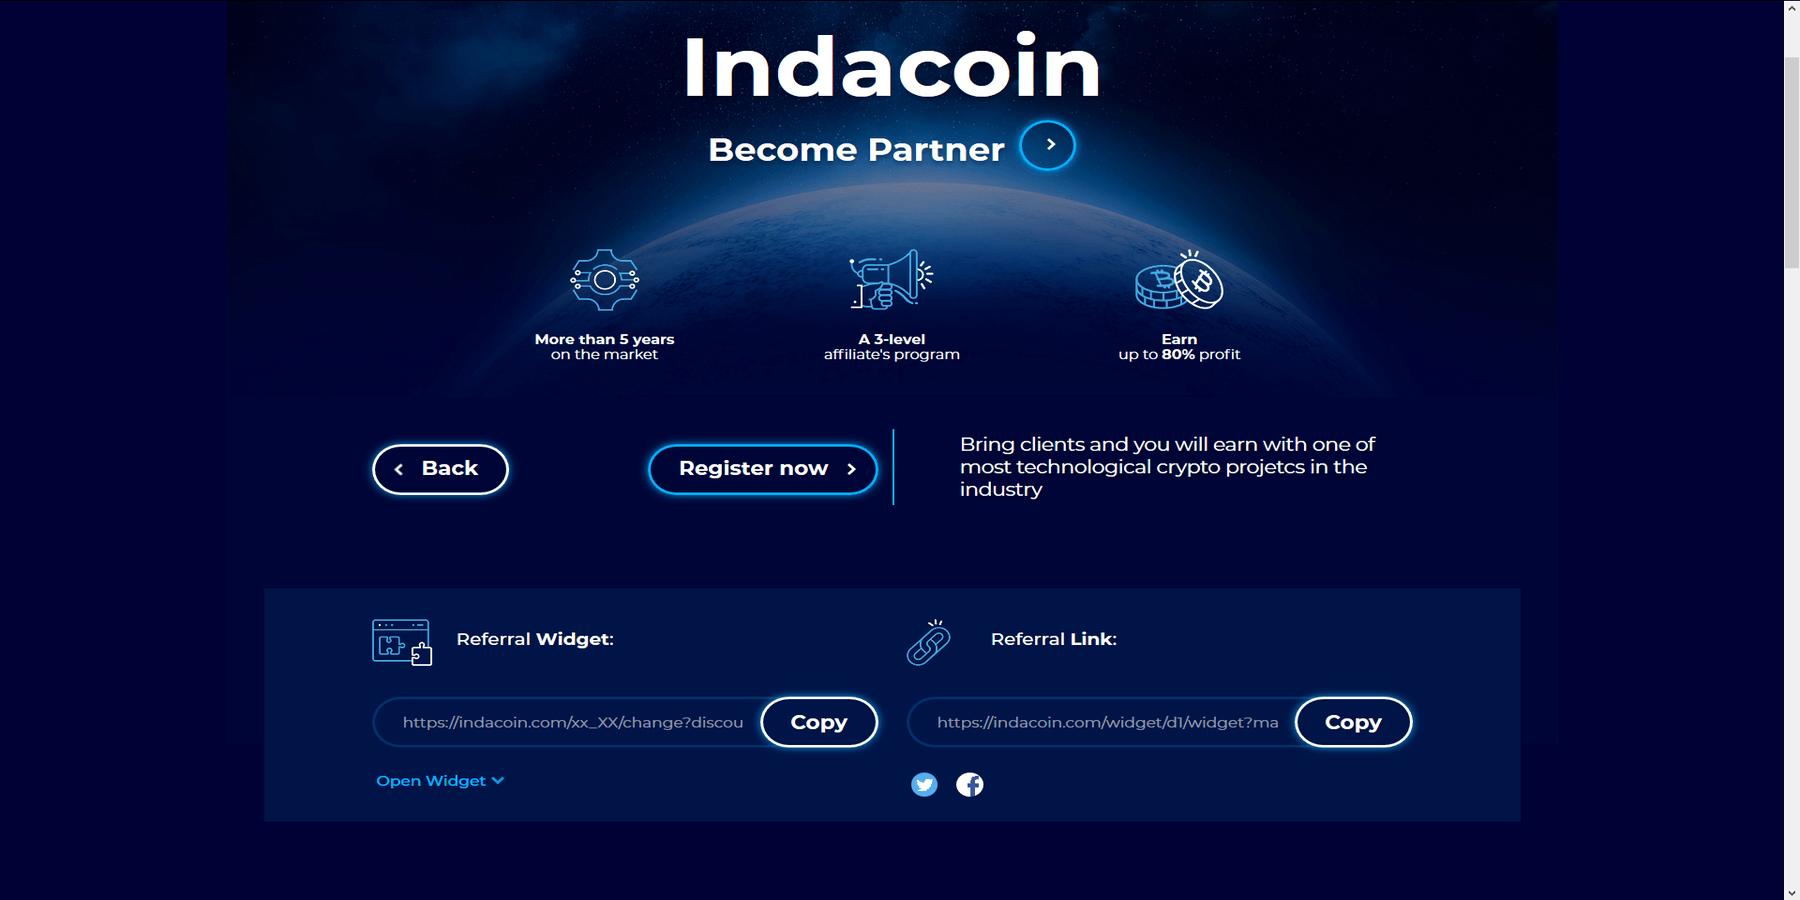 Programme de parrainage affiliation Indacoin